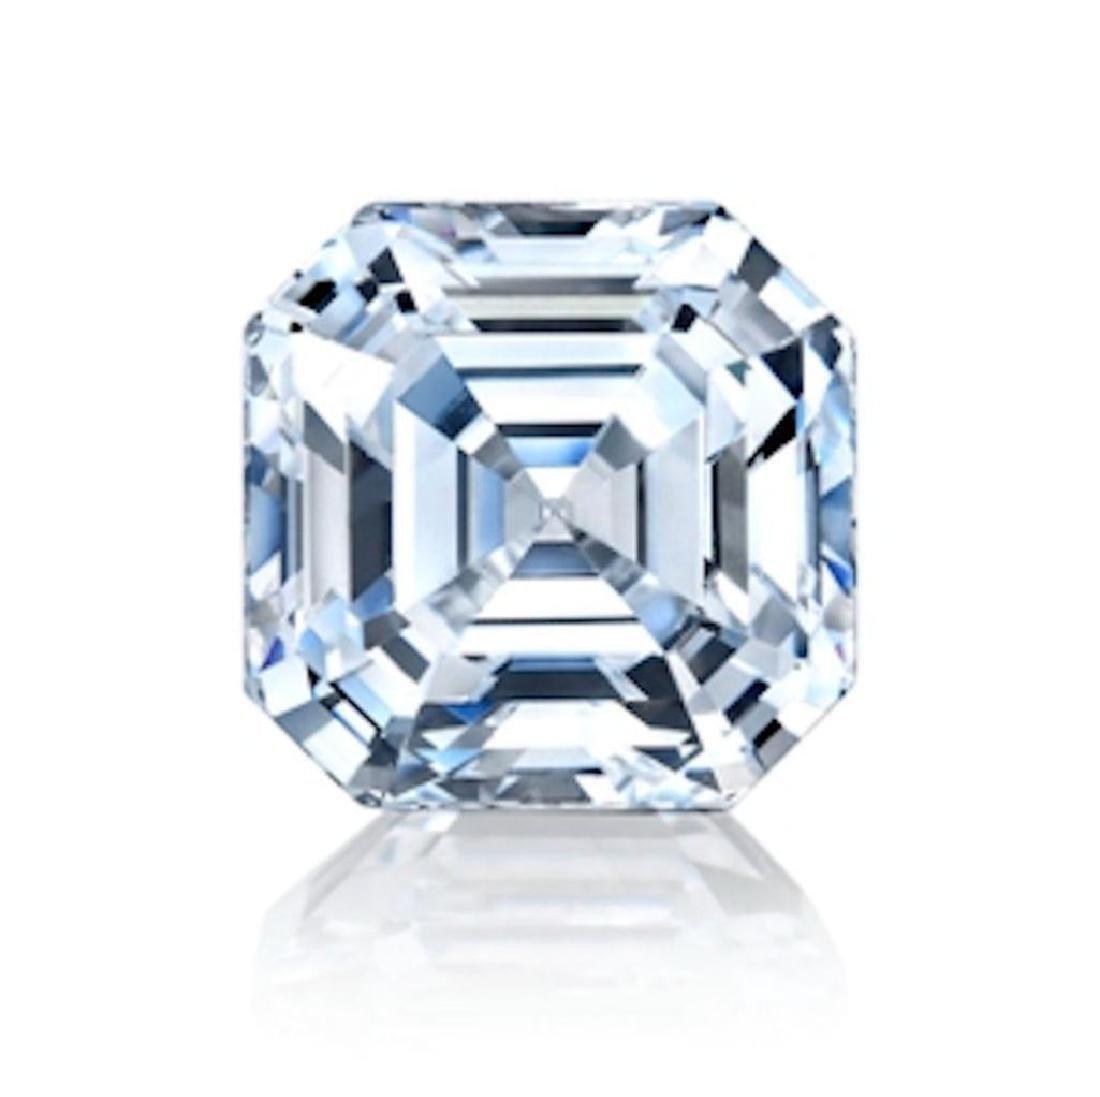 4.12 ct Asscher cut BIANCO Diamond